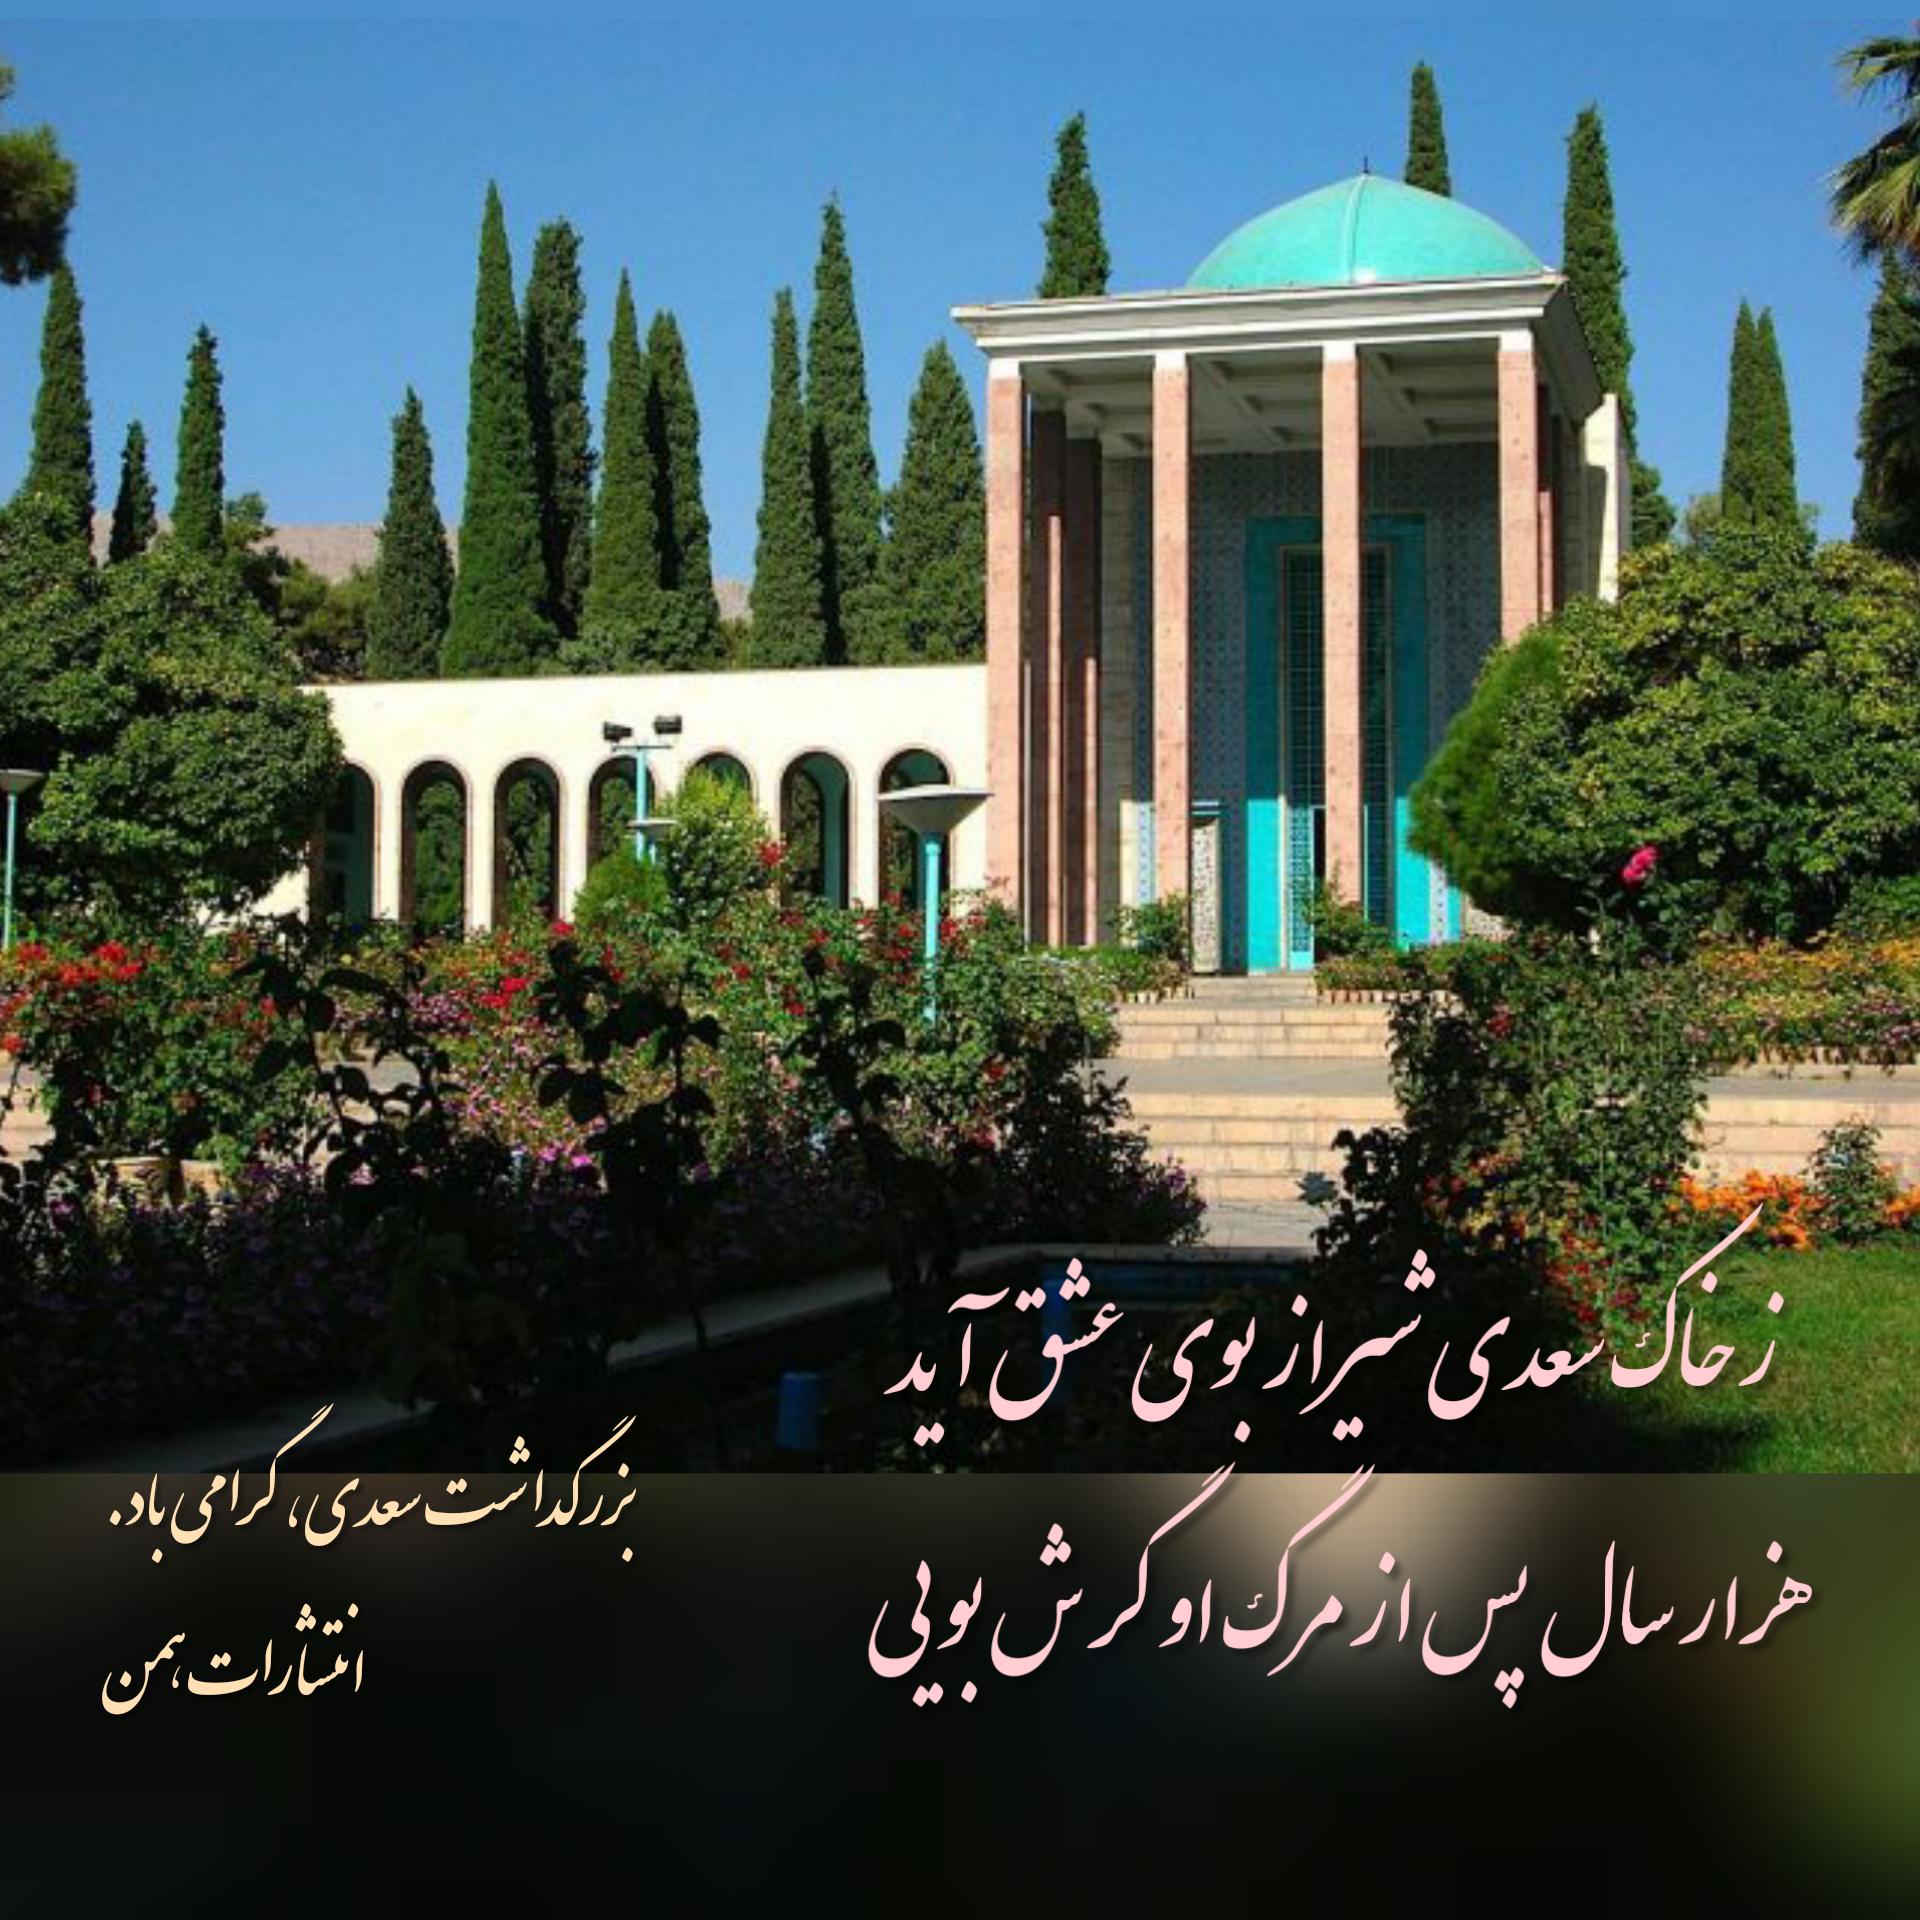 روز بزرگداشت سعدی، ۱ اردیبهشت